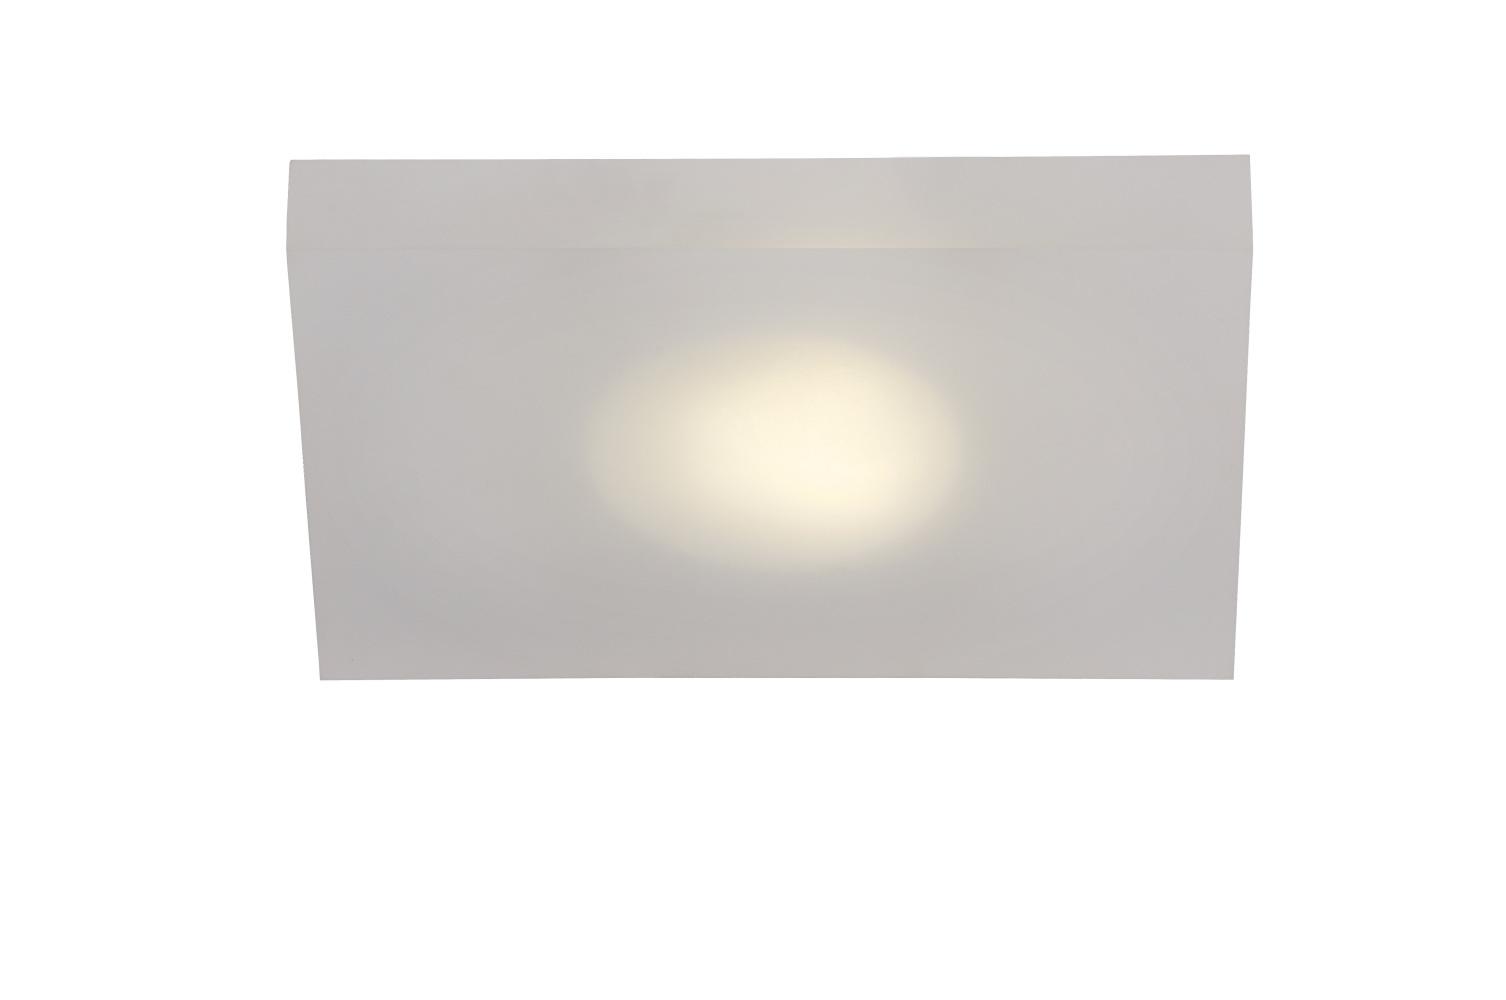 Lucide WINX-LED Wandlicht GX53/7W 6/15/20cm Ijsmat Acryl Diverse verlichting